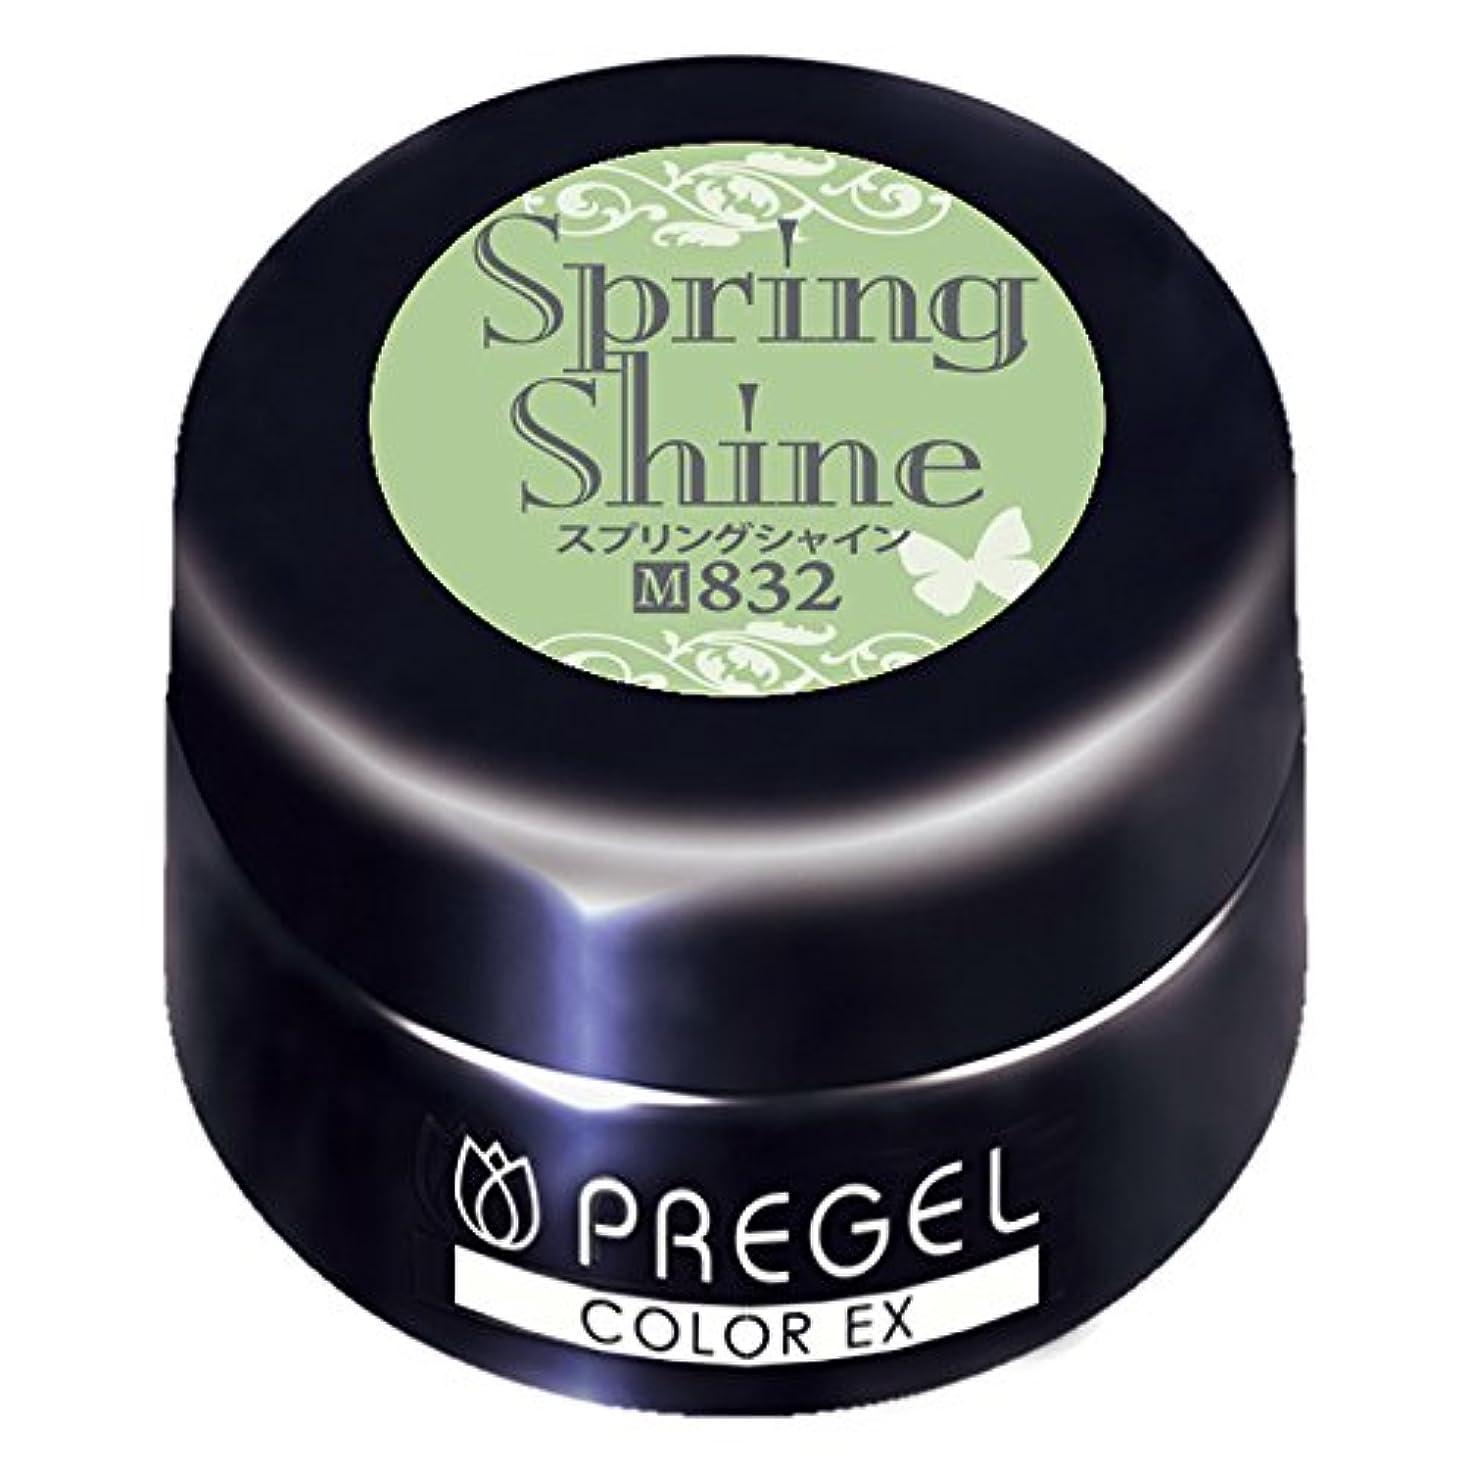 近代化するシガレット不運PRE GEL カラーEX スプリングシャイン832 3g UV/LED対応